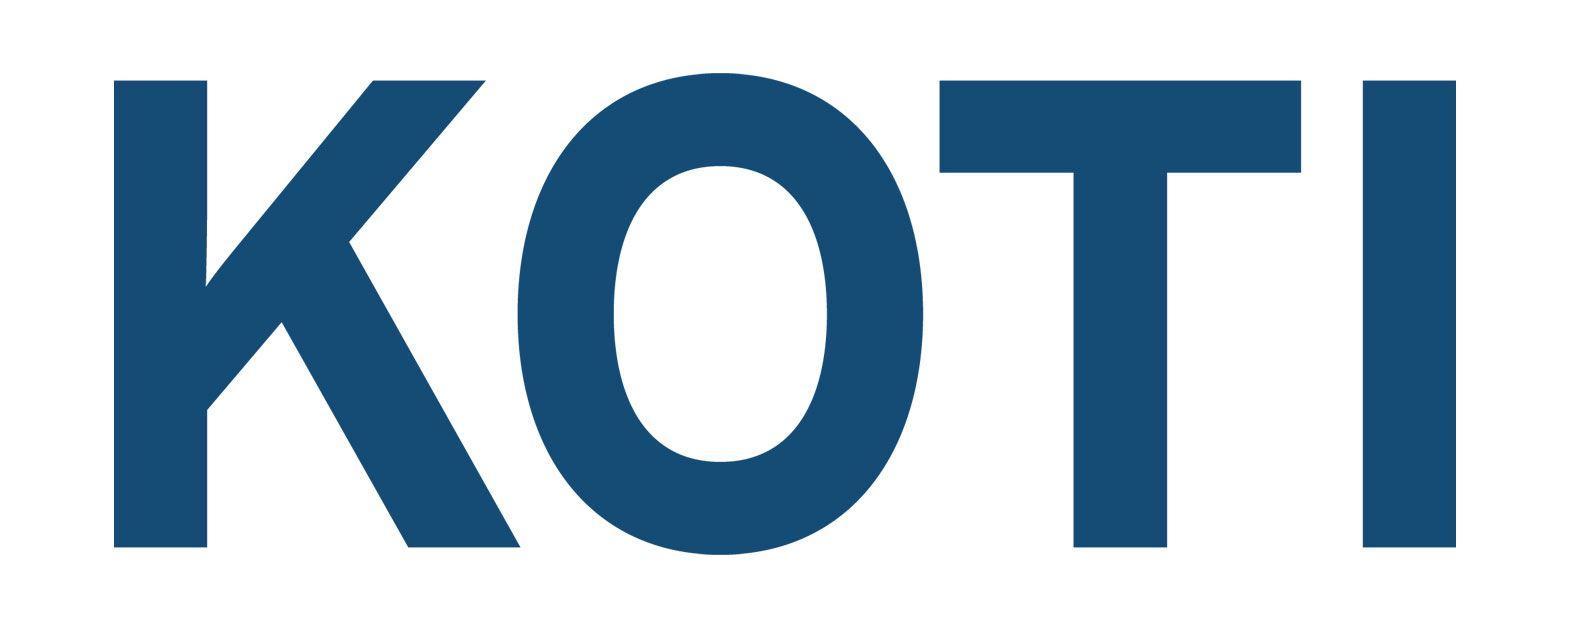 veto-kiuas-saunablogi-habitare-koti-logo